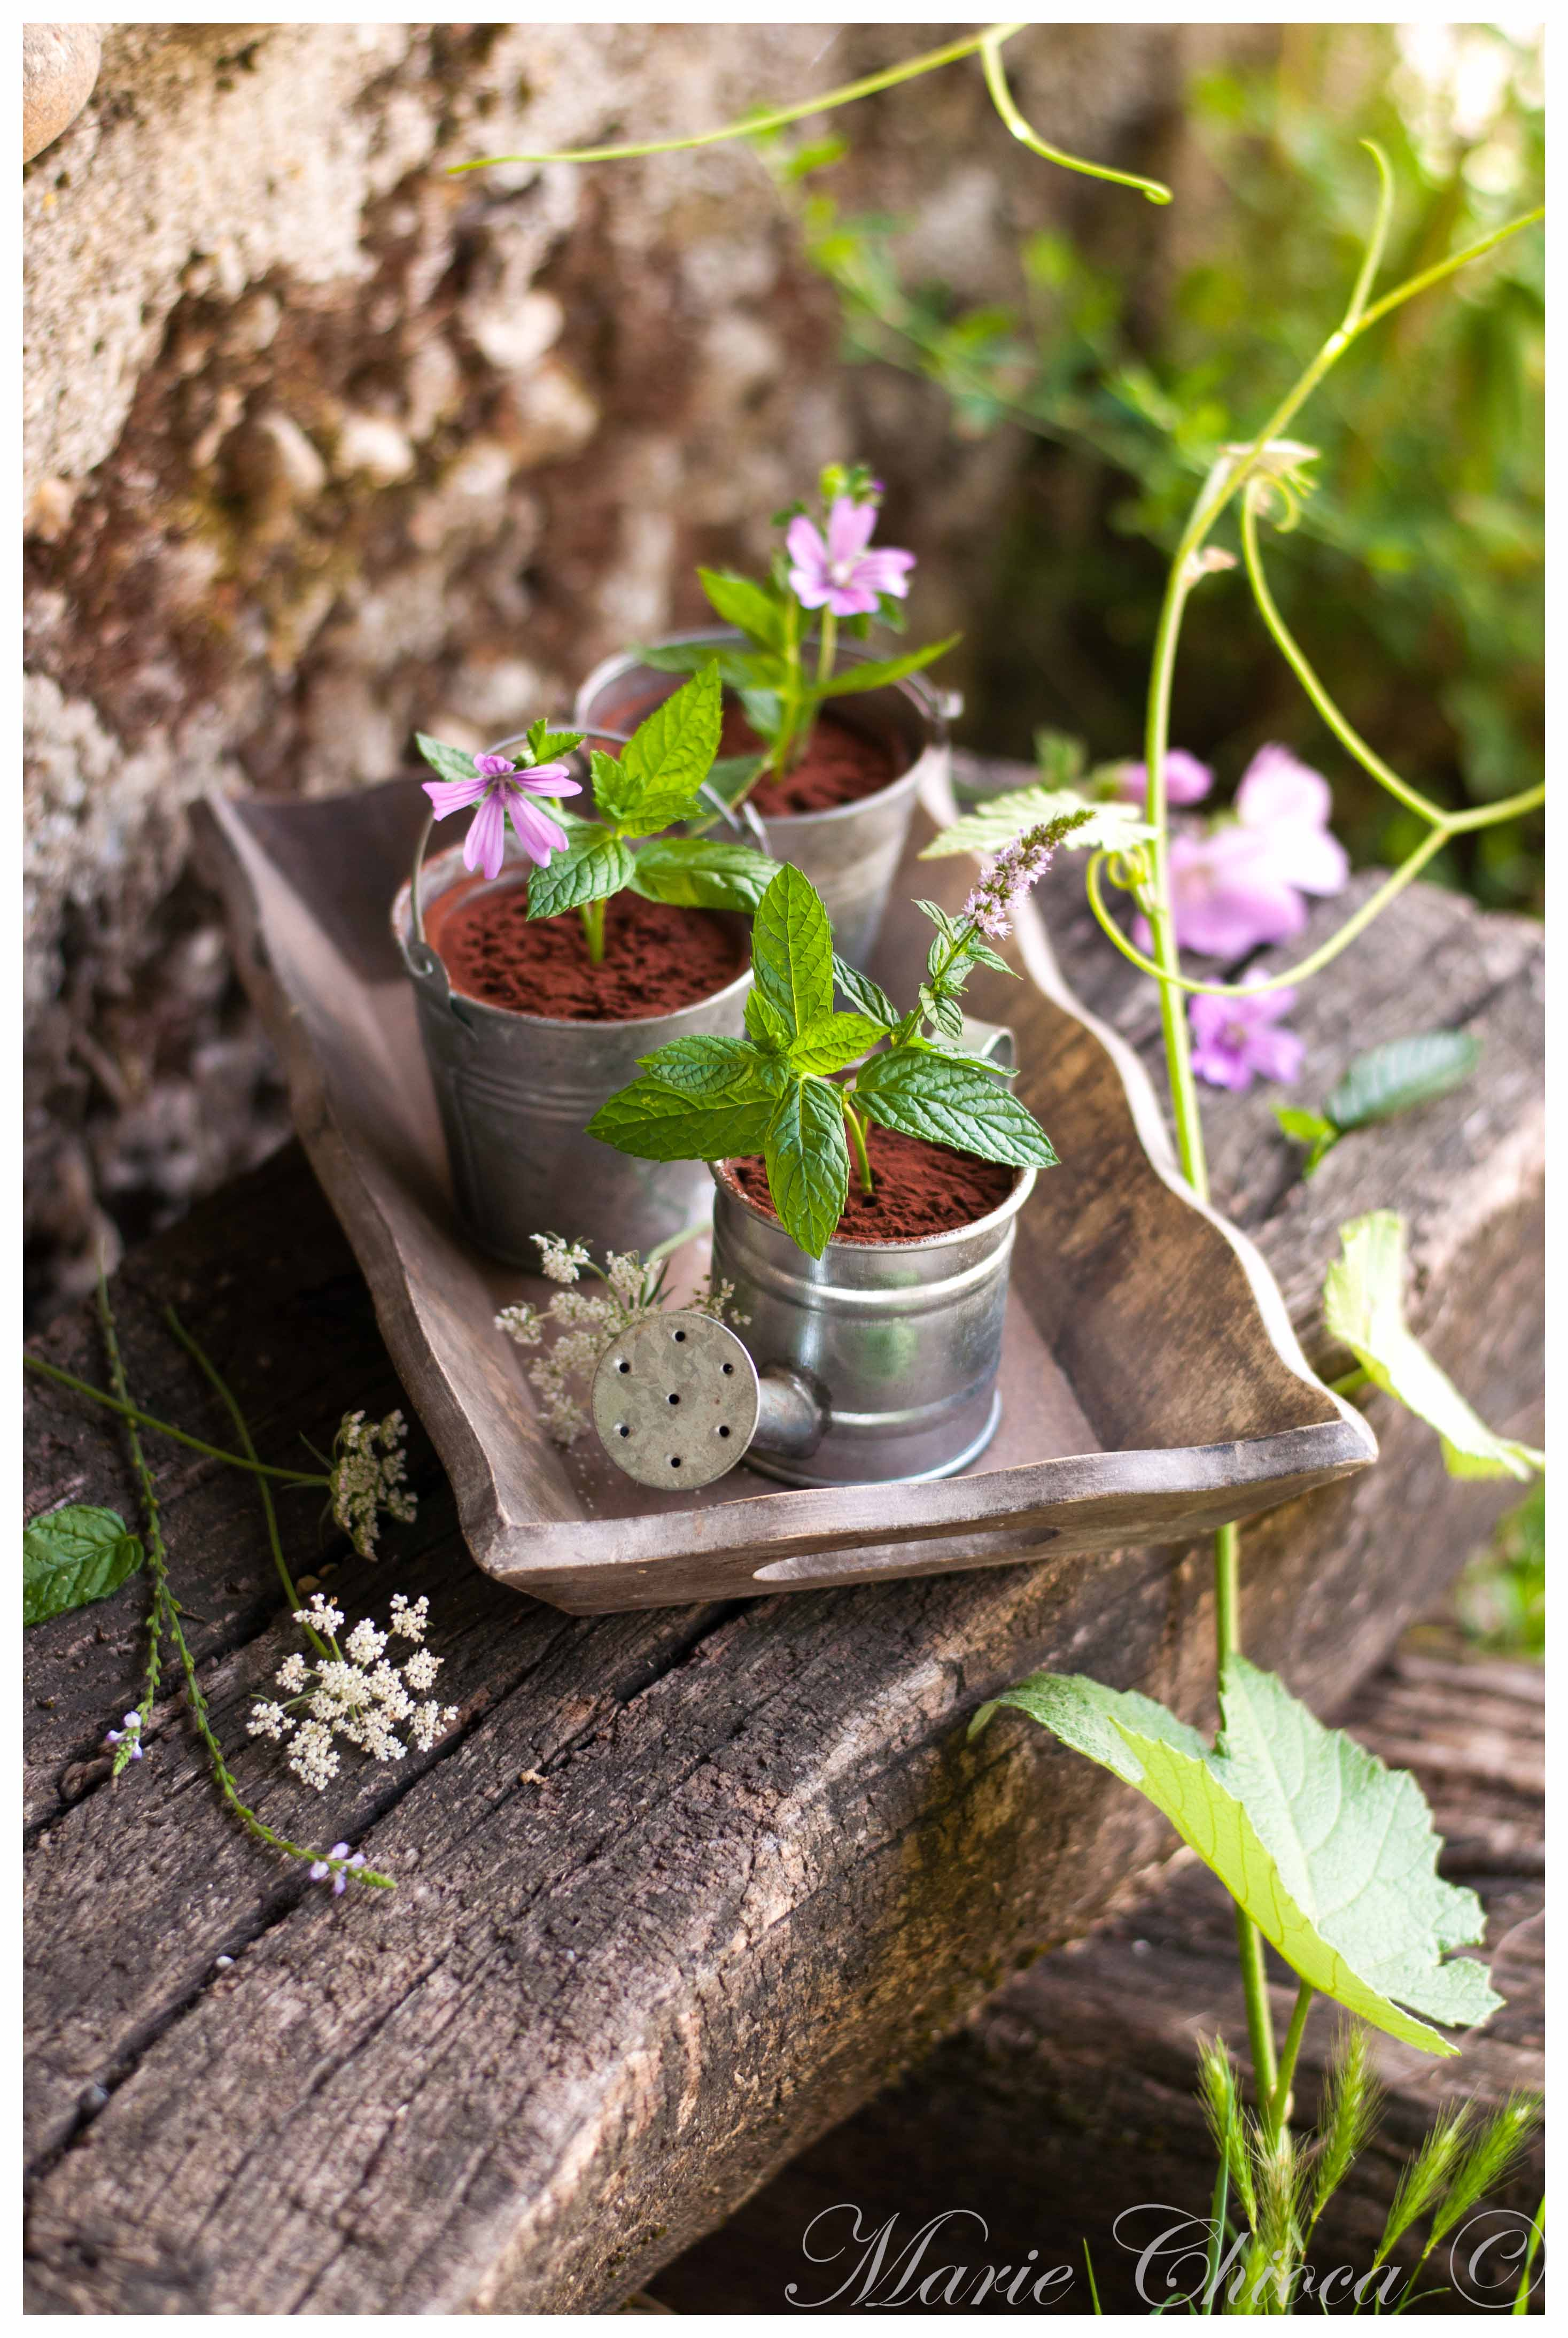 mousse-au-chocolat-mystere-du-jardiner-2